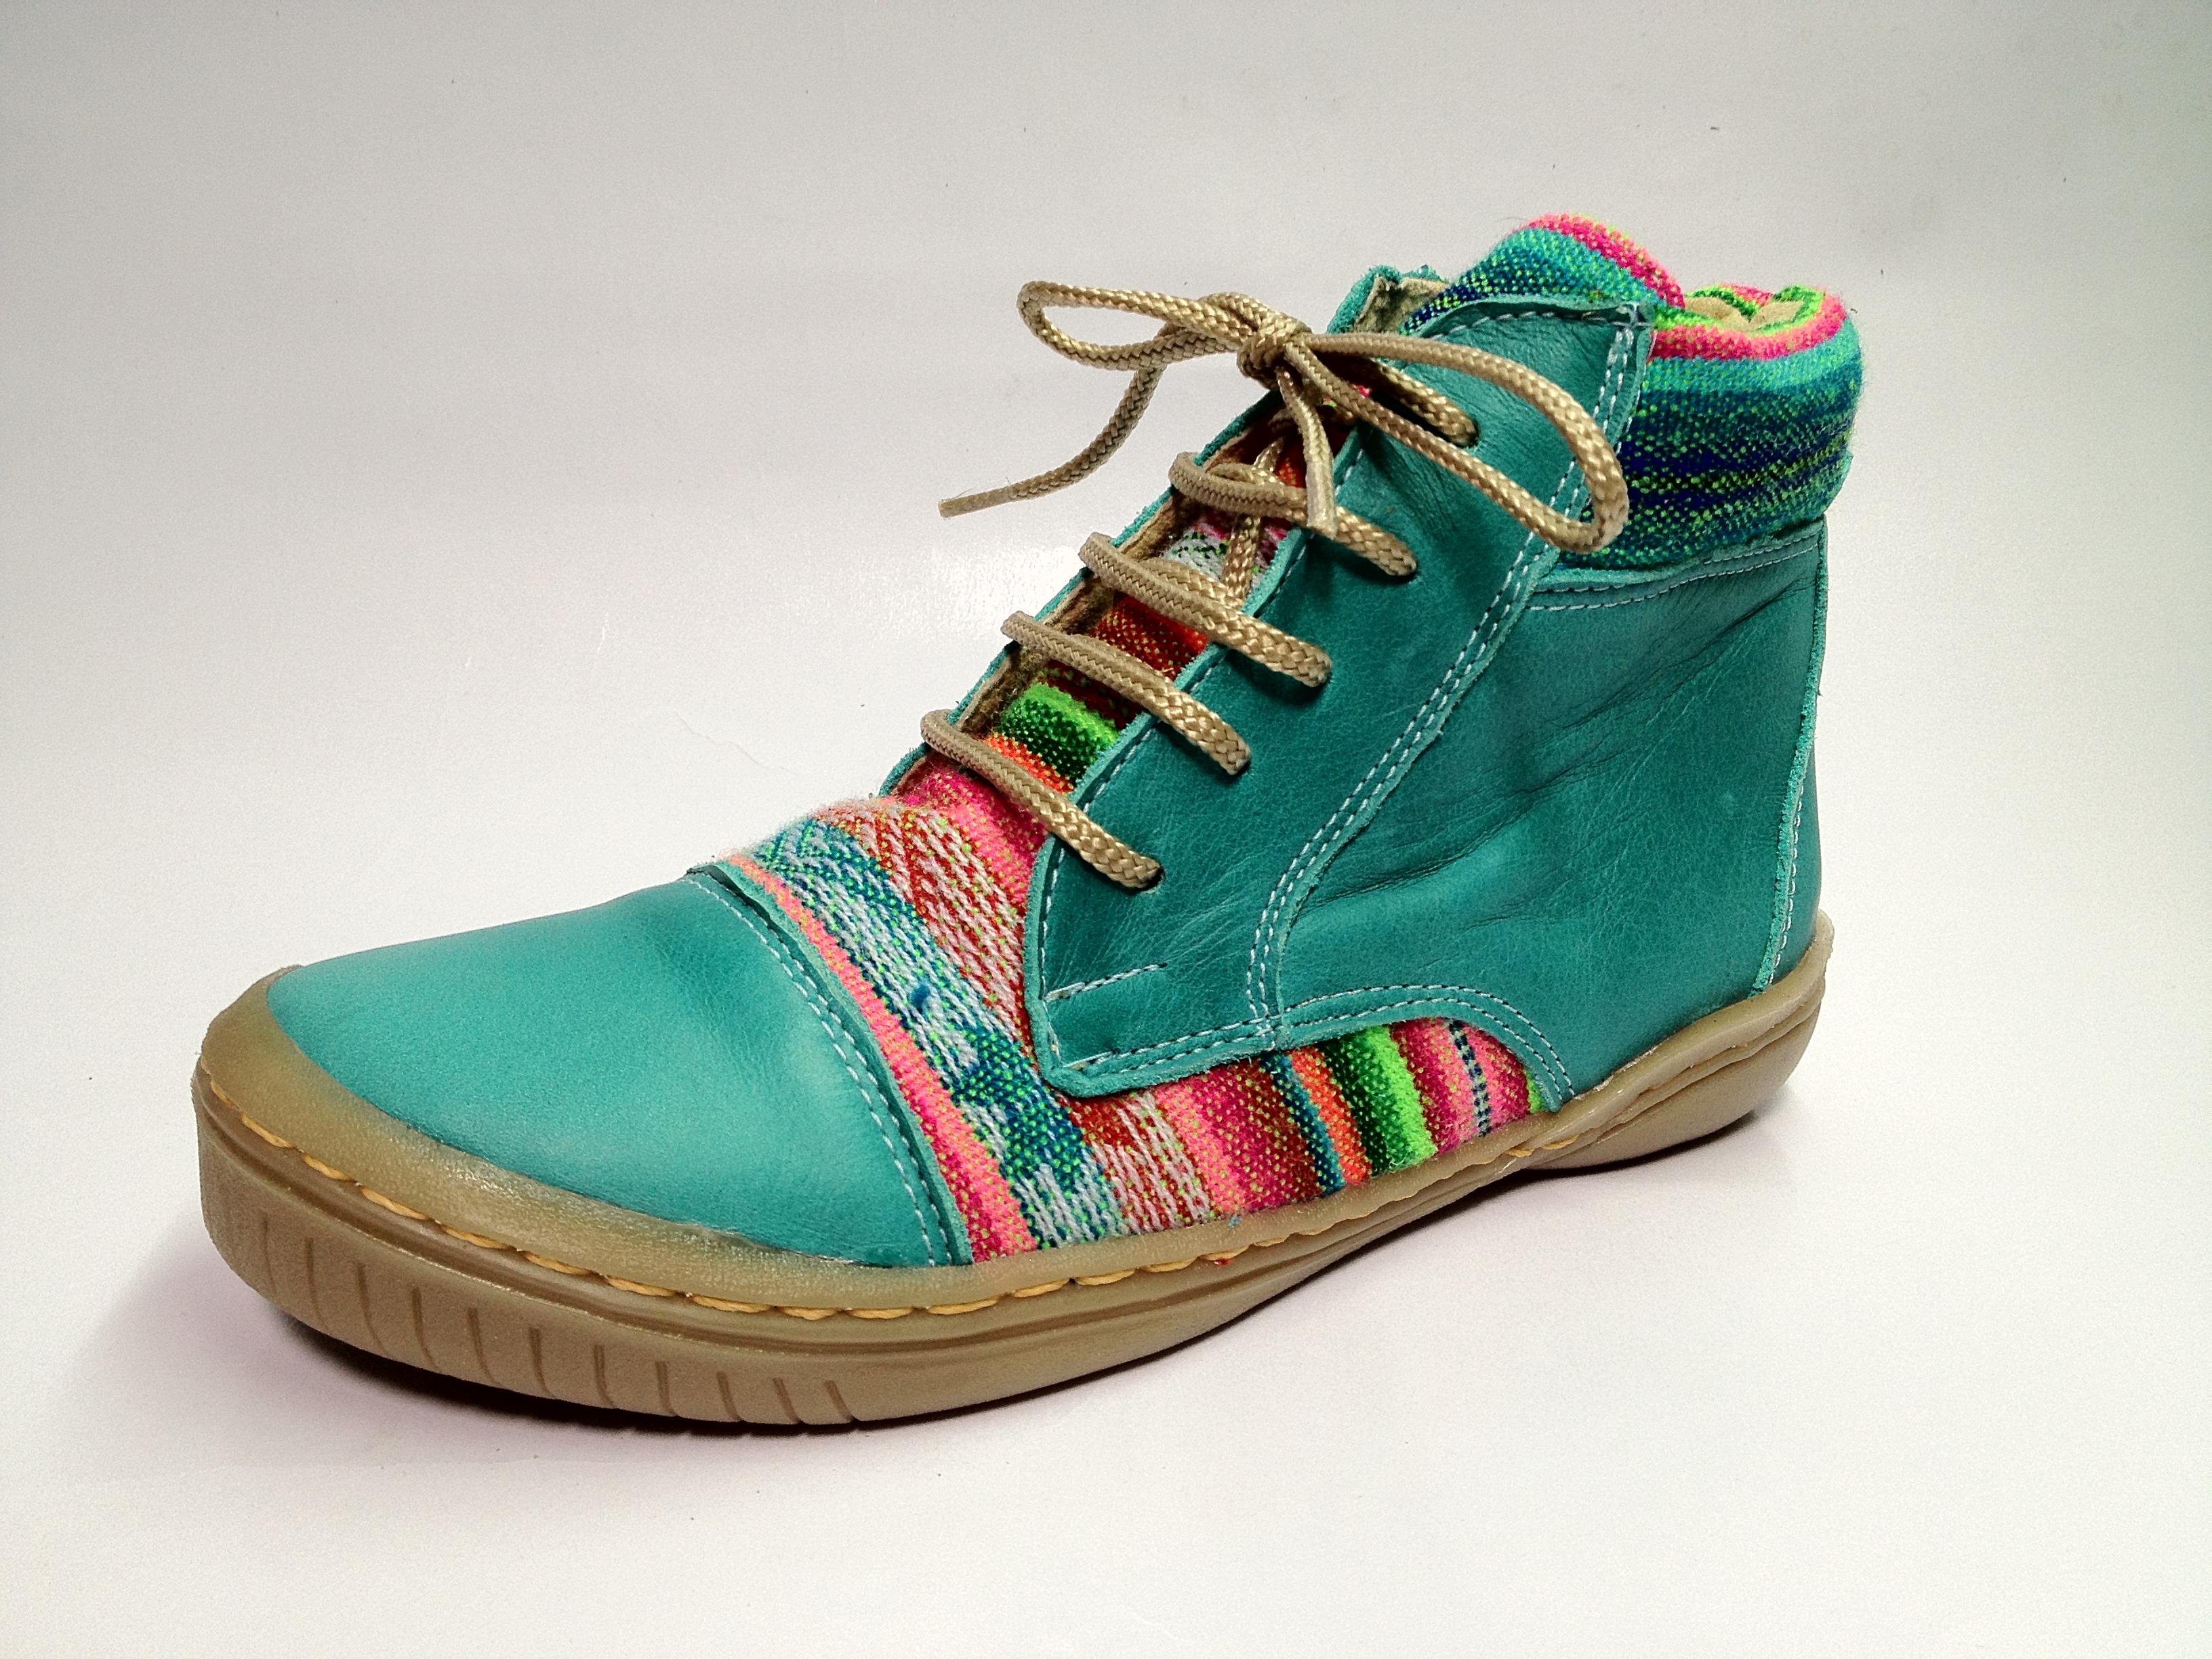 867b73ba24c19 Ideotas Tienda – Zapatos artesanales – Viste la Calle